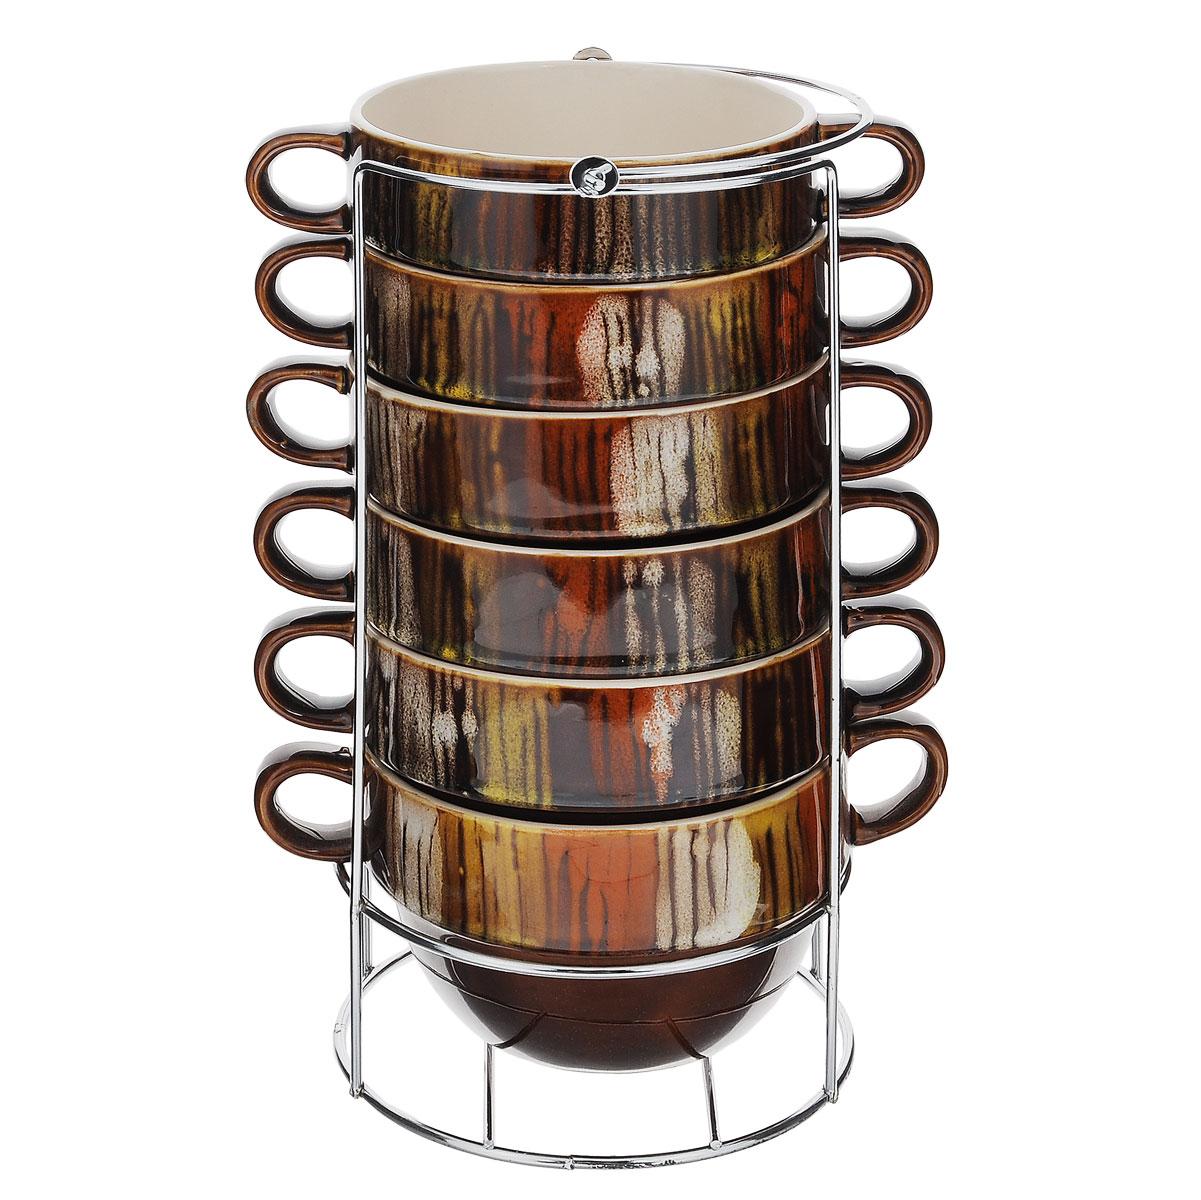 Набор пиал Bekker, 500 мл, 7 предметовBK-7366Набор Bekker состоит из 6 пиал с ручками и подставки. Пиалы выполнены из высококачественной жаропрочной керамики, покрытой блестящей глазурью без примесей кадмия и свинца. Внешние стенки коричневого цвета оформлены оригинальным орнаментом. Пиалы очень вместительны, их можно использовать для подачи супа, каш, хлопьев и т.д, а также в качестве салатников. В комплекте имеется специальная металлическая подставка с хромированной поверхностью. Для удобства переноски на подставке предусмотрена ручка. Пиалы подходят для использования в микроволновой печи, духовом шкафу. Также изделия можно чистить в посудомоечной машине. Объем пиалы: 500 мл. Диаметр пиалы (по верхнему краю): 12 см. Высота стенки: 8 см. Размер подставки (ДхШхВ): 13 см х 13 см х 27,5 см.